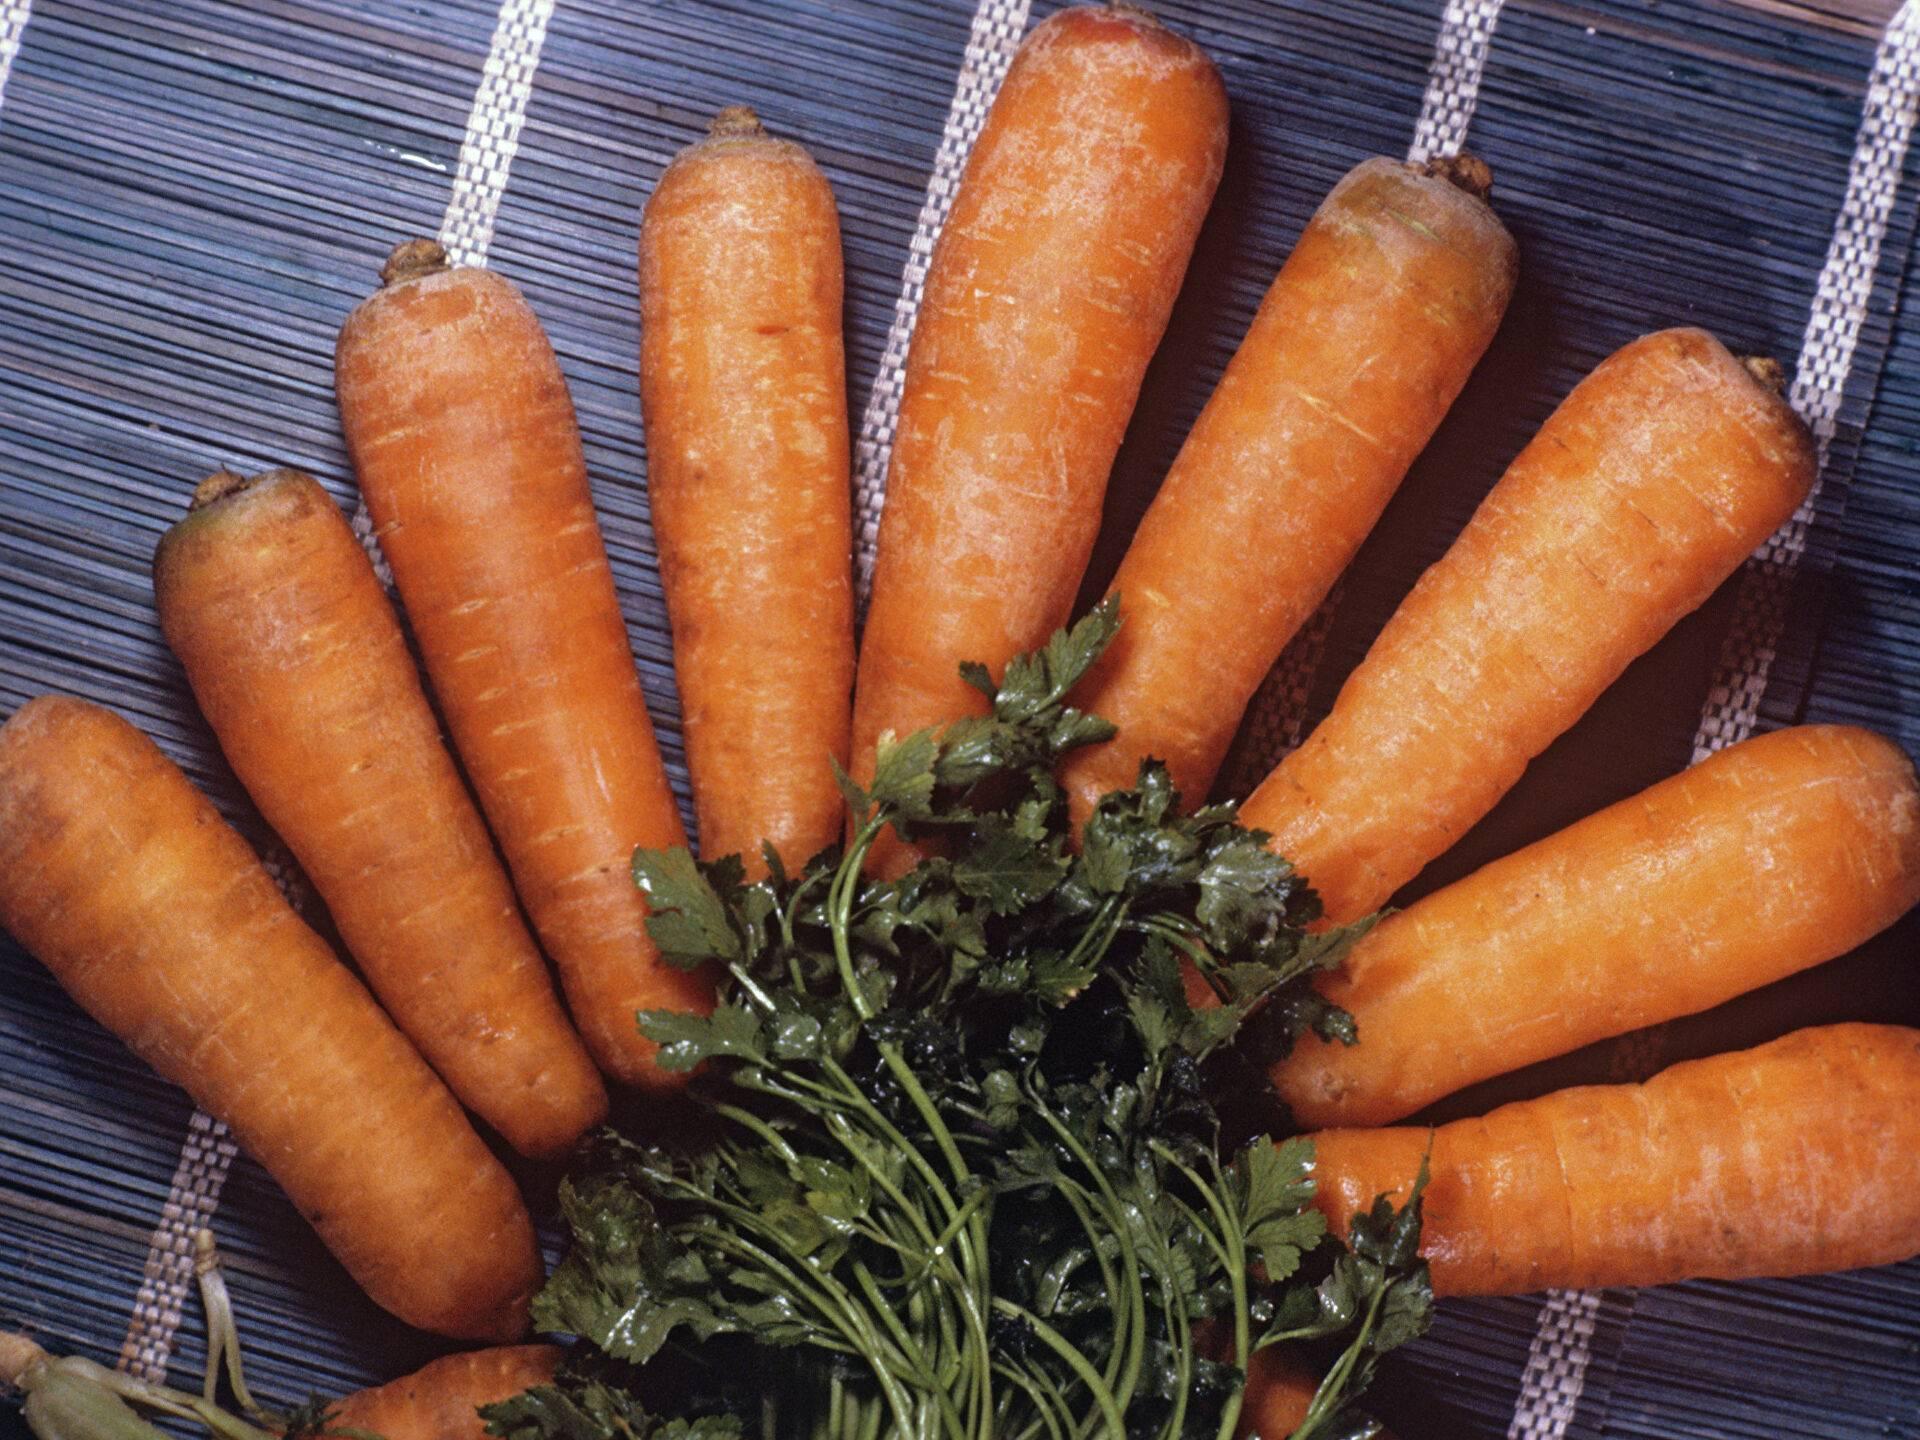 Жмыхи моркови от изжоги - медицинский портал: все о здоровье человека, клиники, болезни, врачи - medportal.md